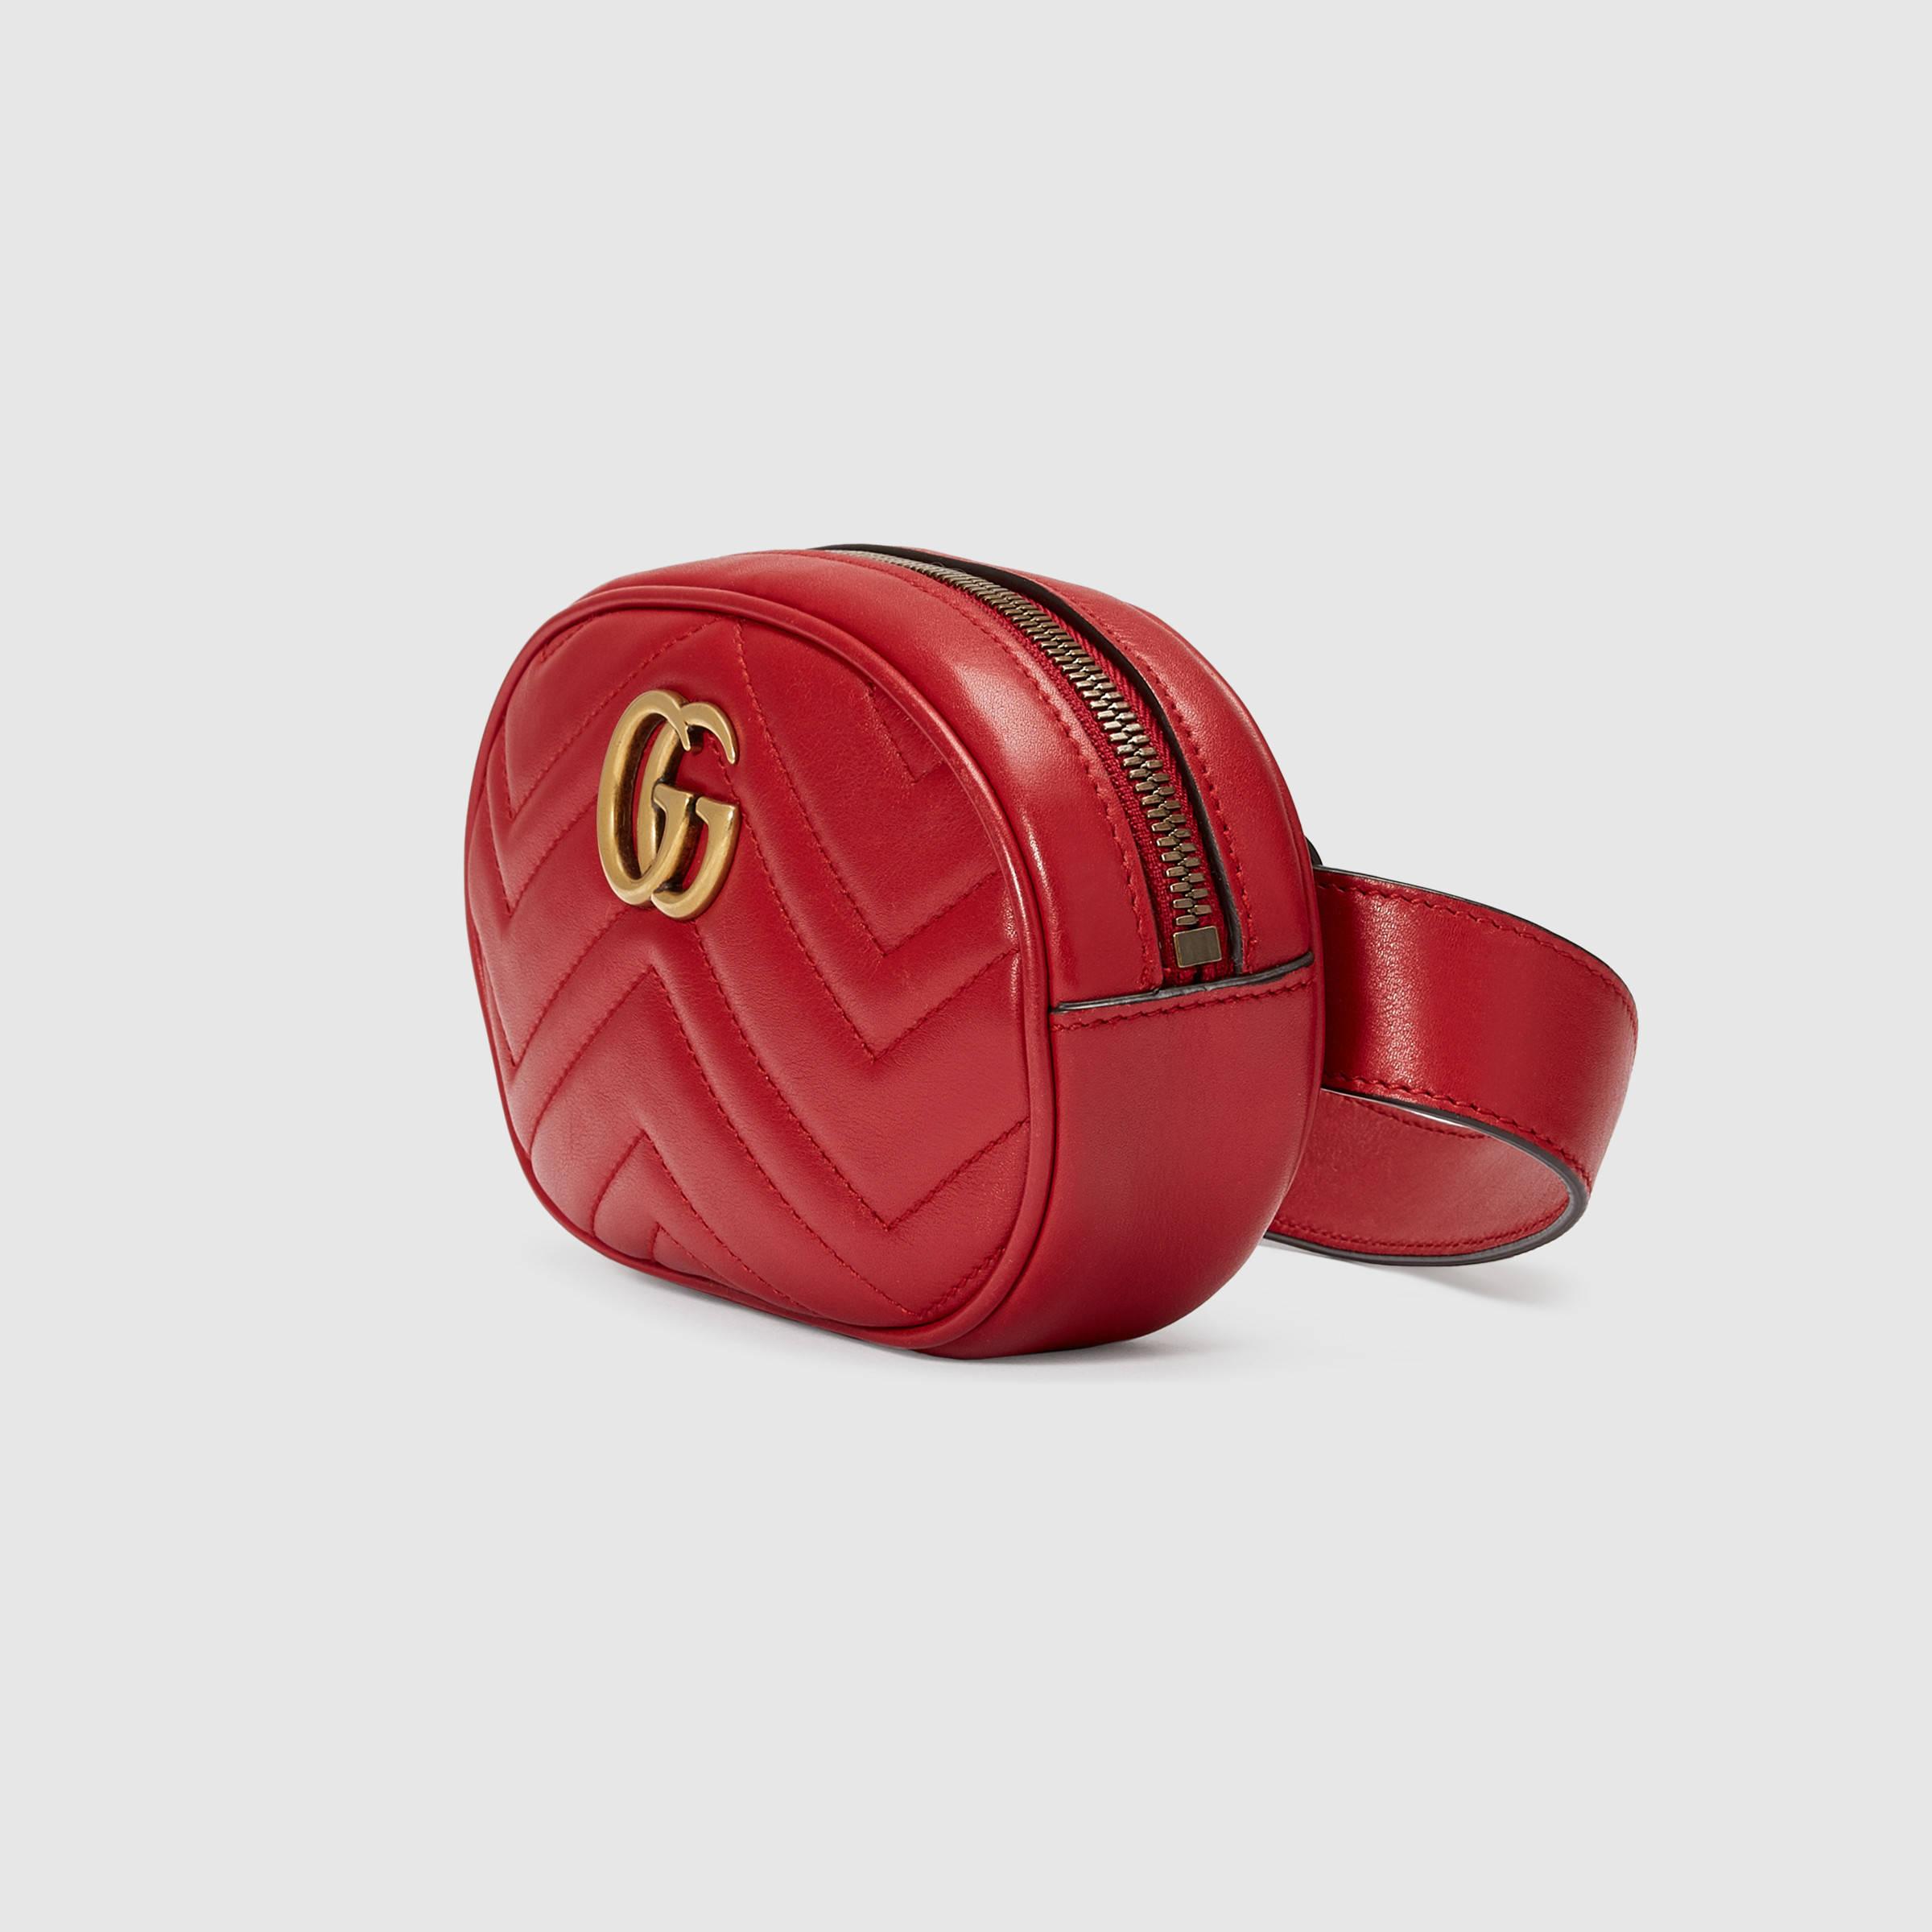 Red Gucci Belt | Cheap Gucci Belts | Black Red Gucci Belt